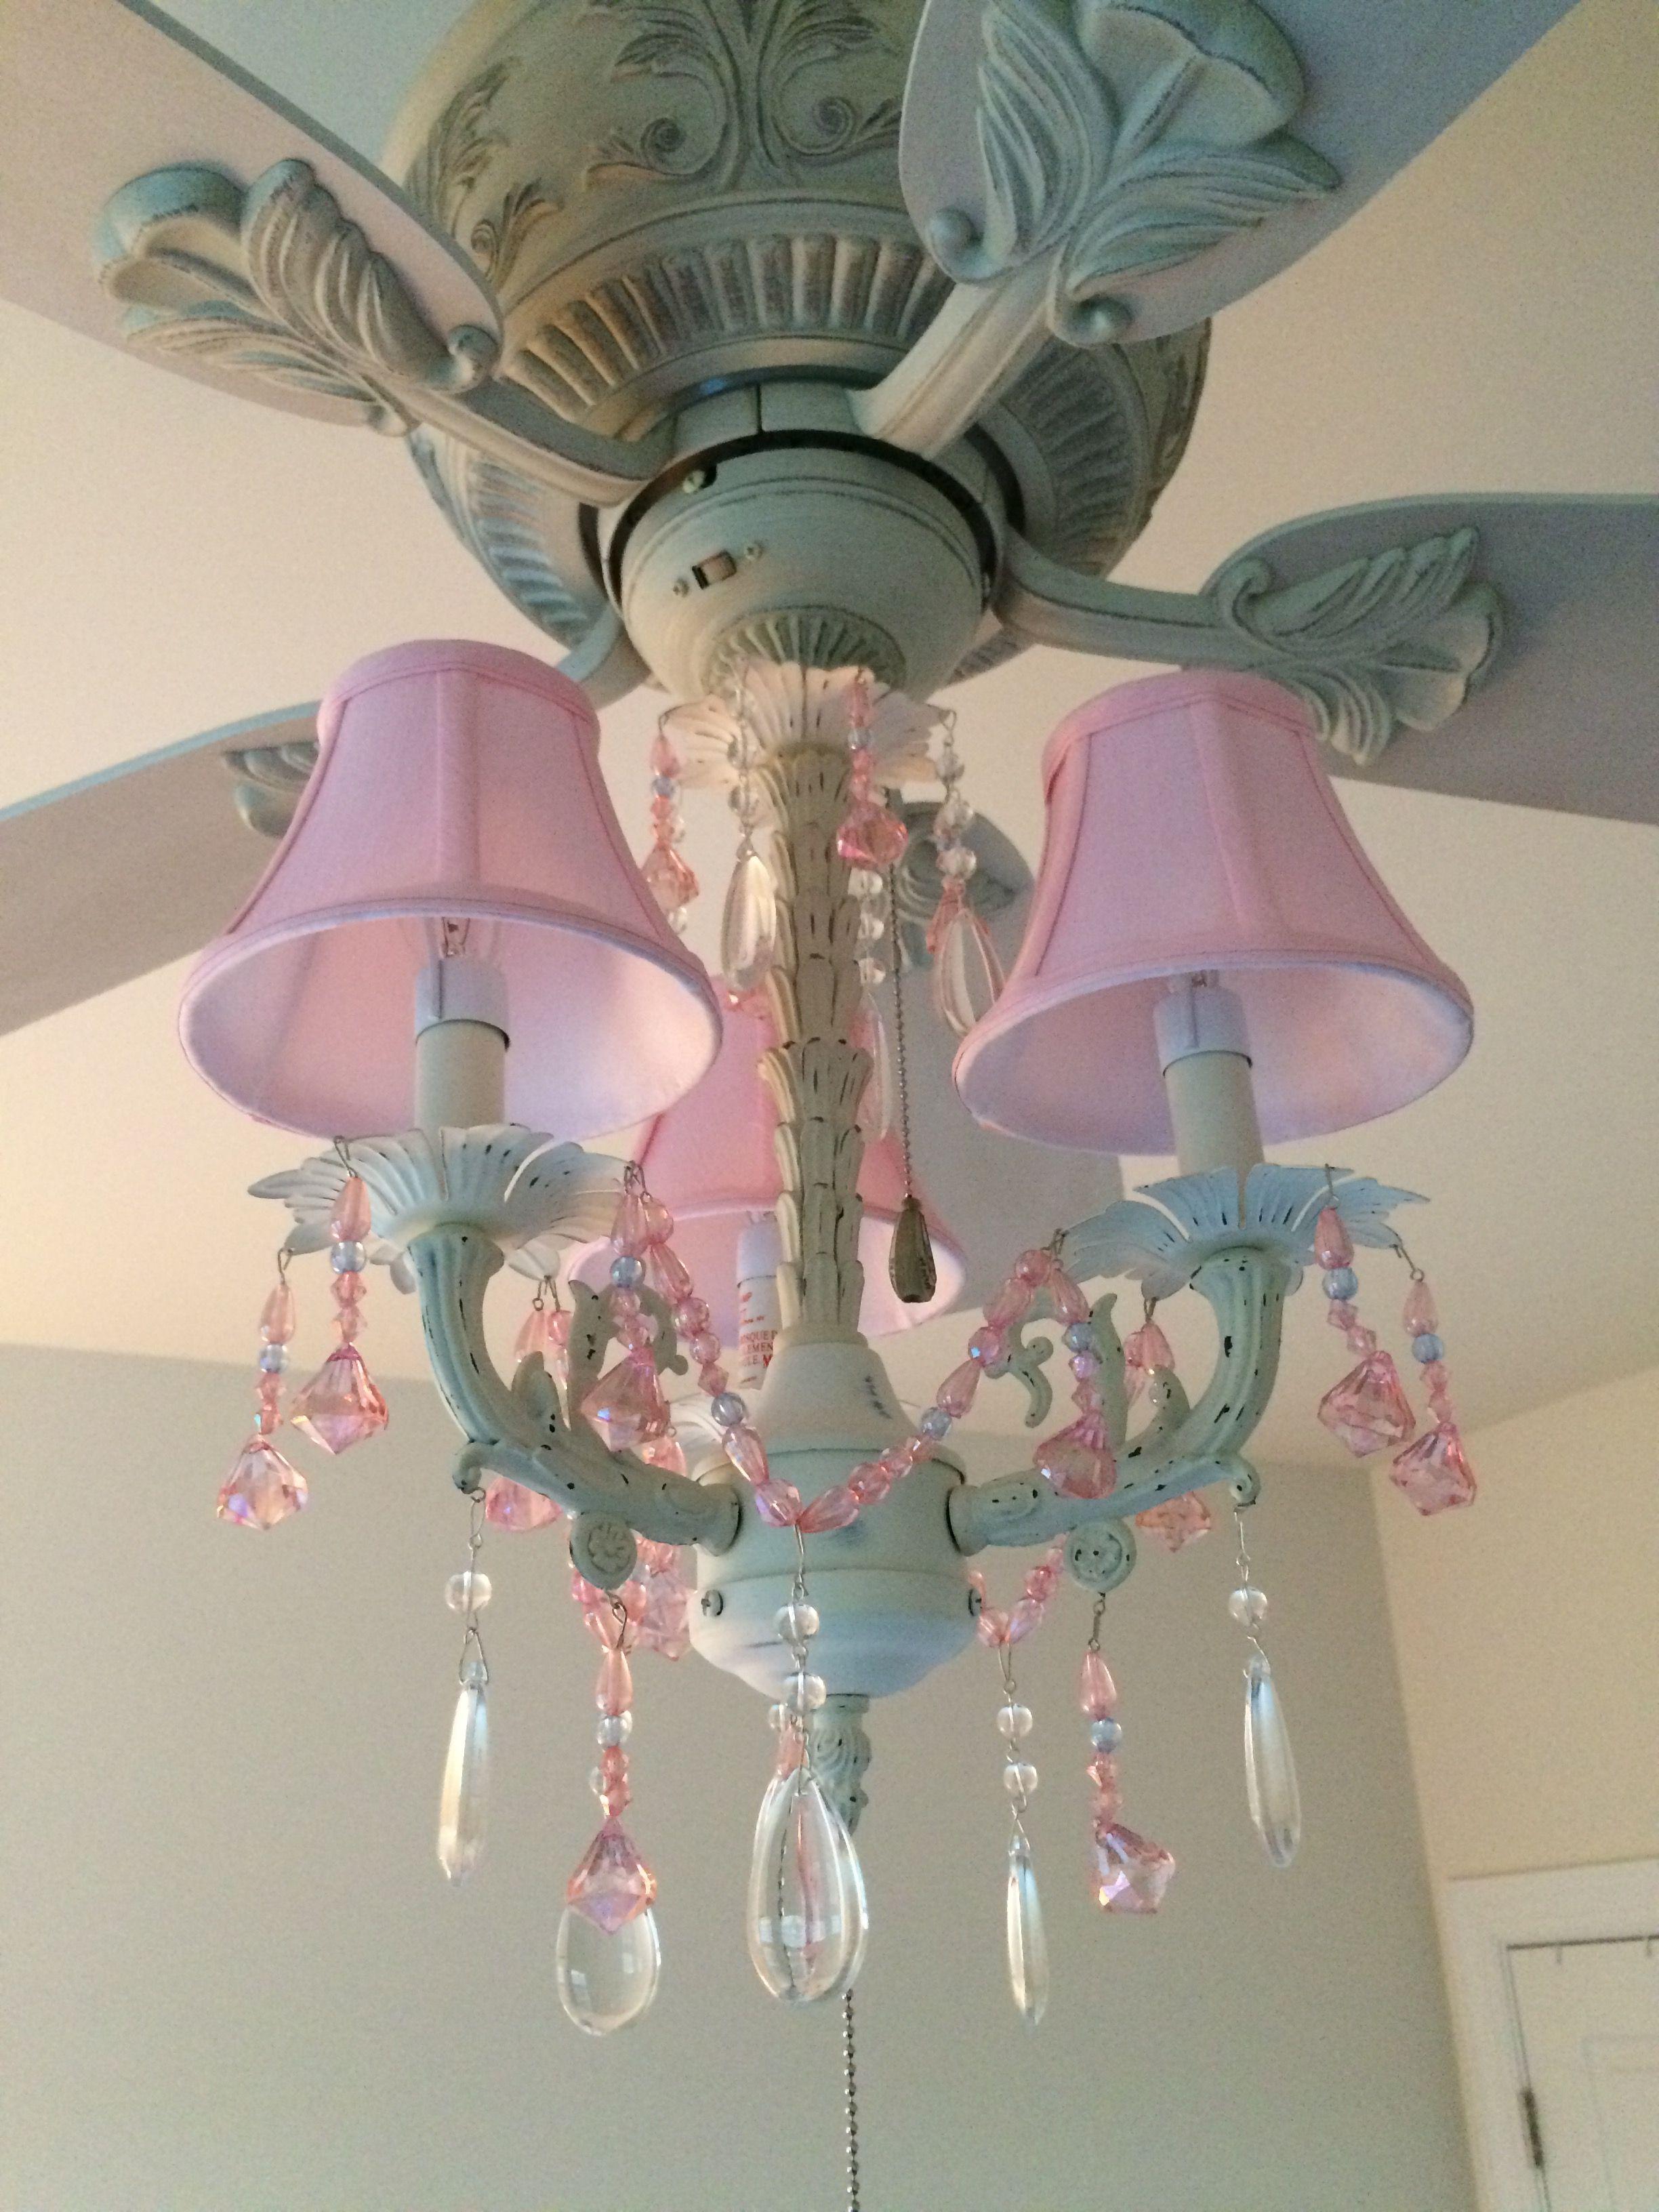 Pink Chandelier Ceiling Fan And Light Kit Fandelier Perfect